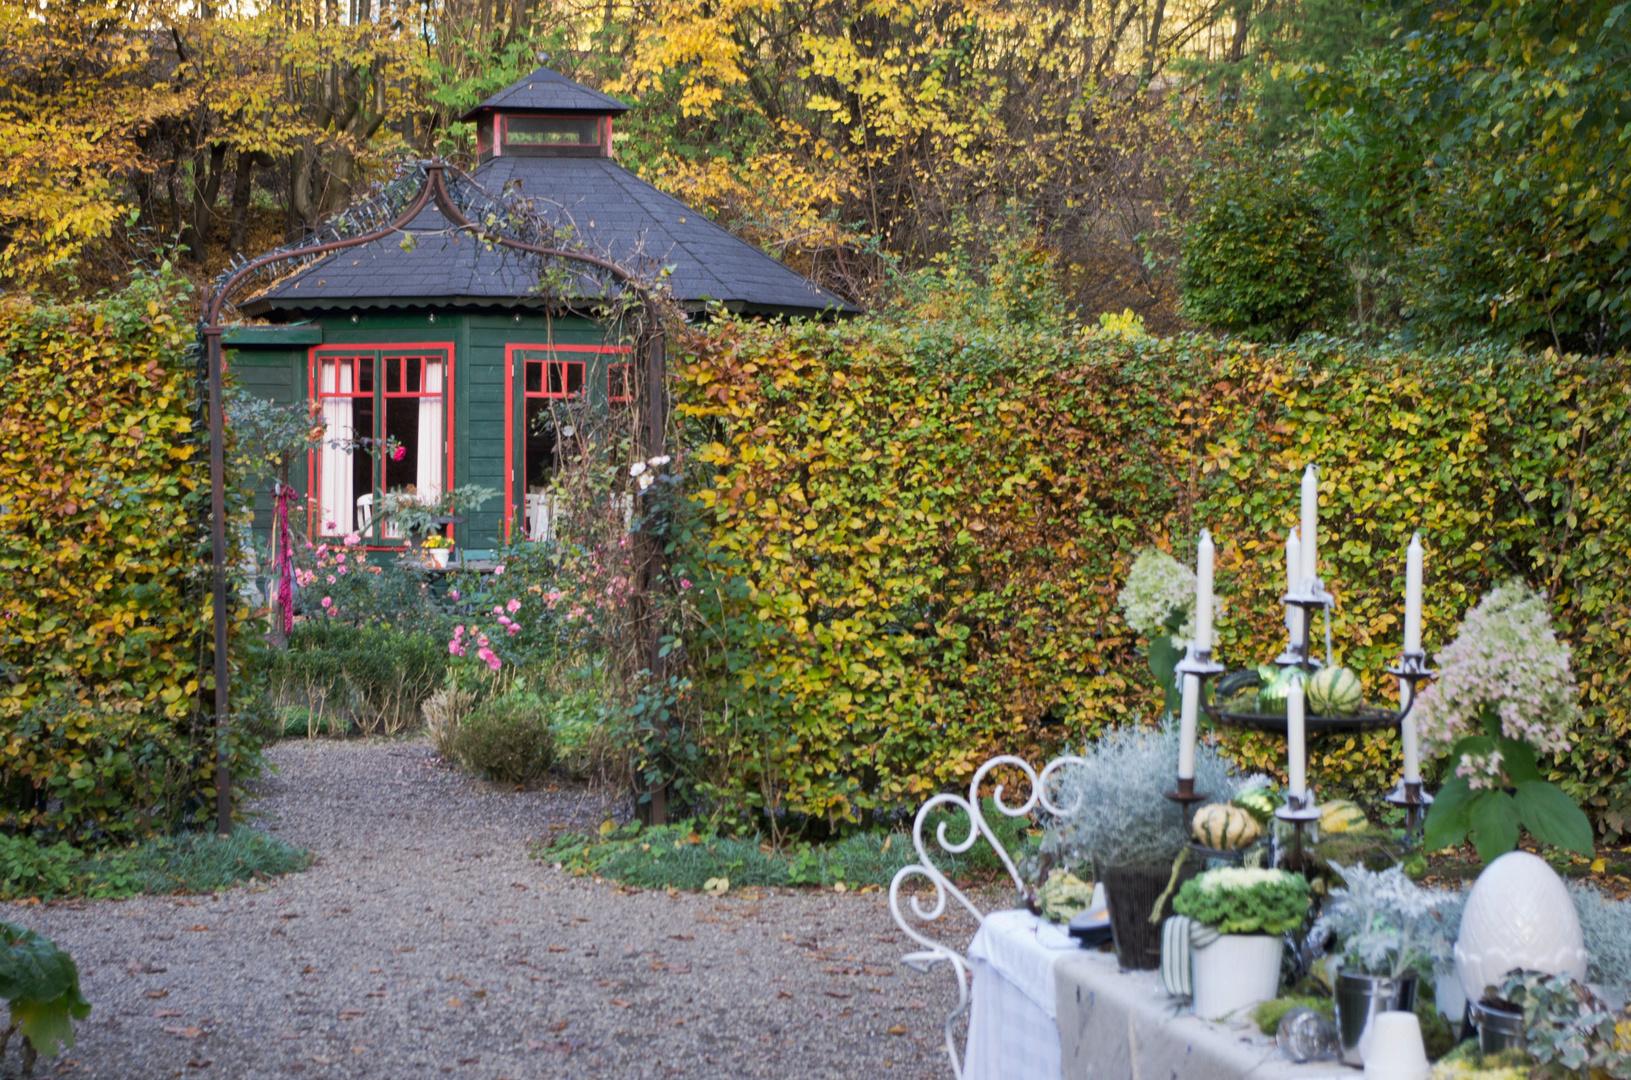 Herbst der garten wissen an der sieg foto bild jahreszeiten herbst sonstiges bilder auf - Herbst garten ...